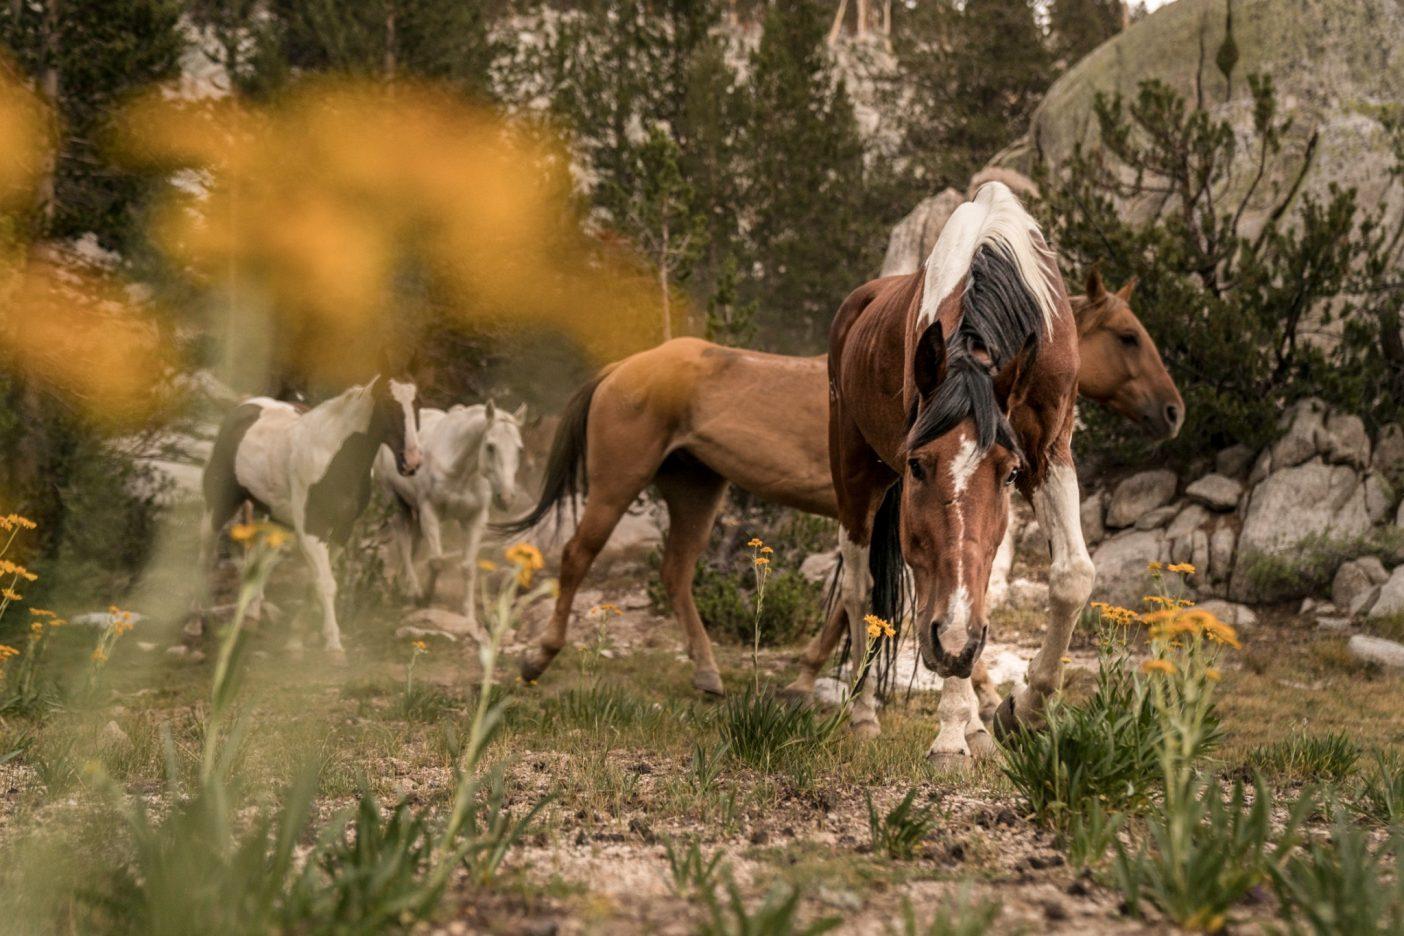 (左から)ペソス、ガペル、ブラッド、トビーは、花崗岩の崖に近い草地で食事をする。Photo:Taylor Rees